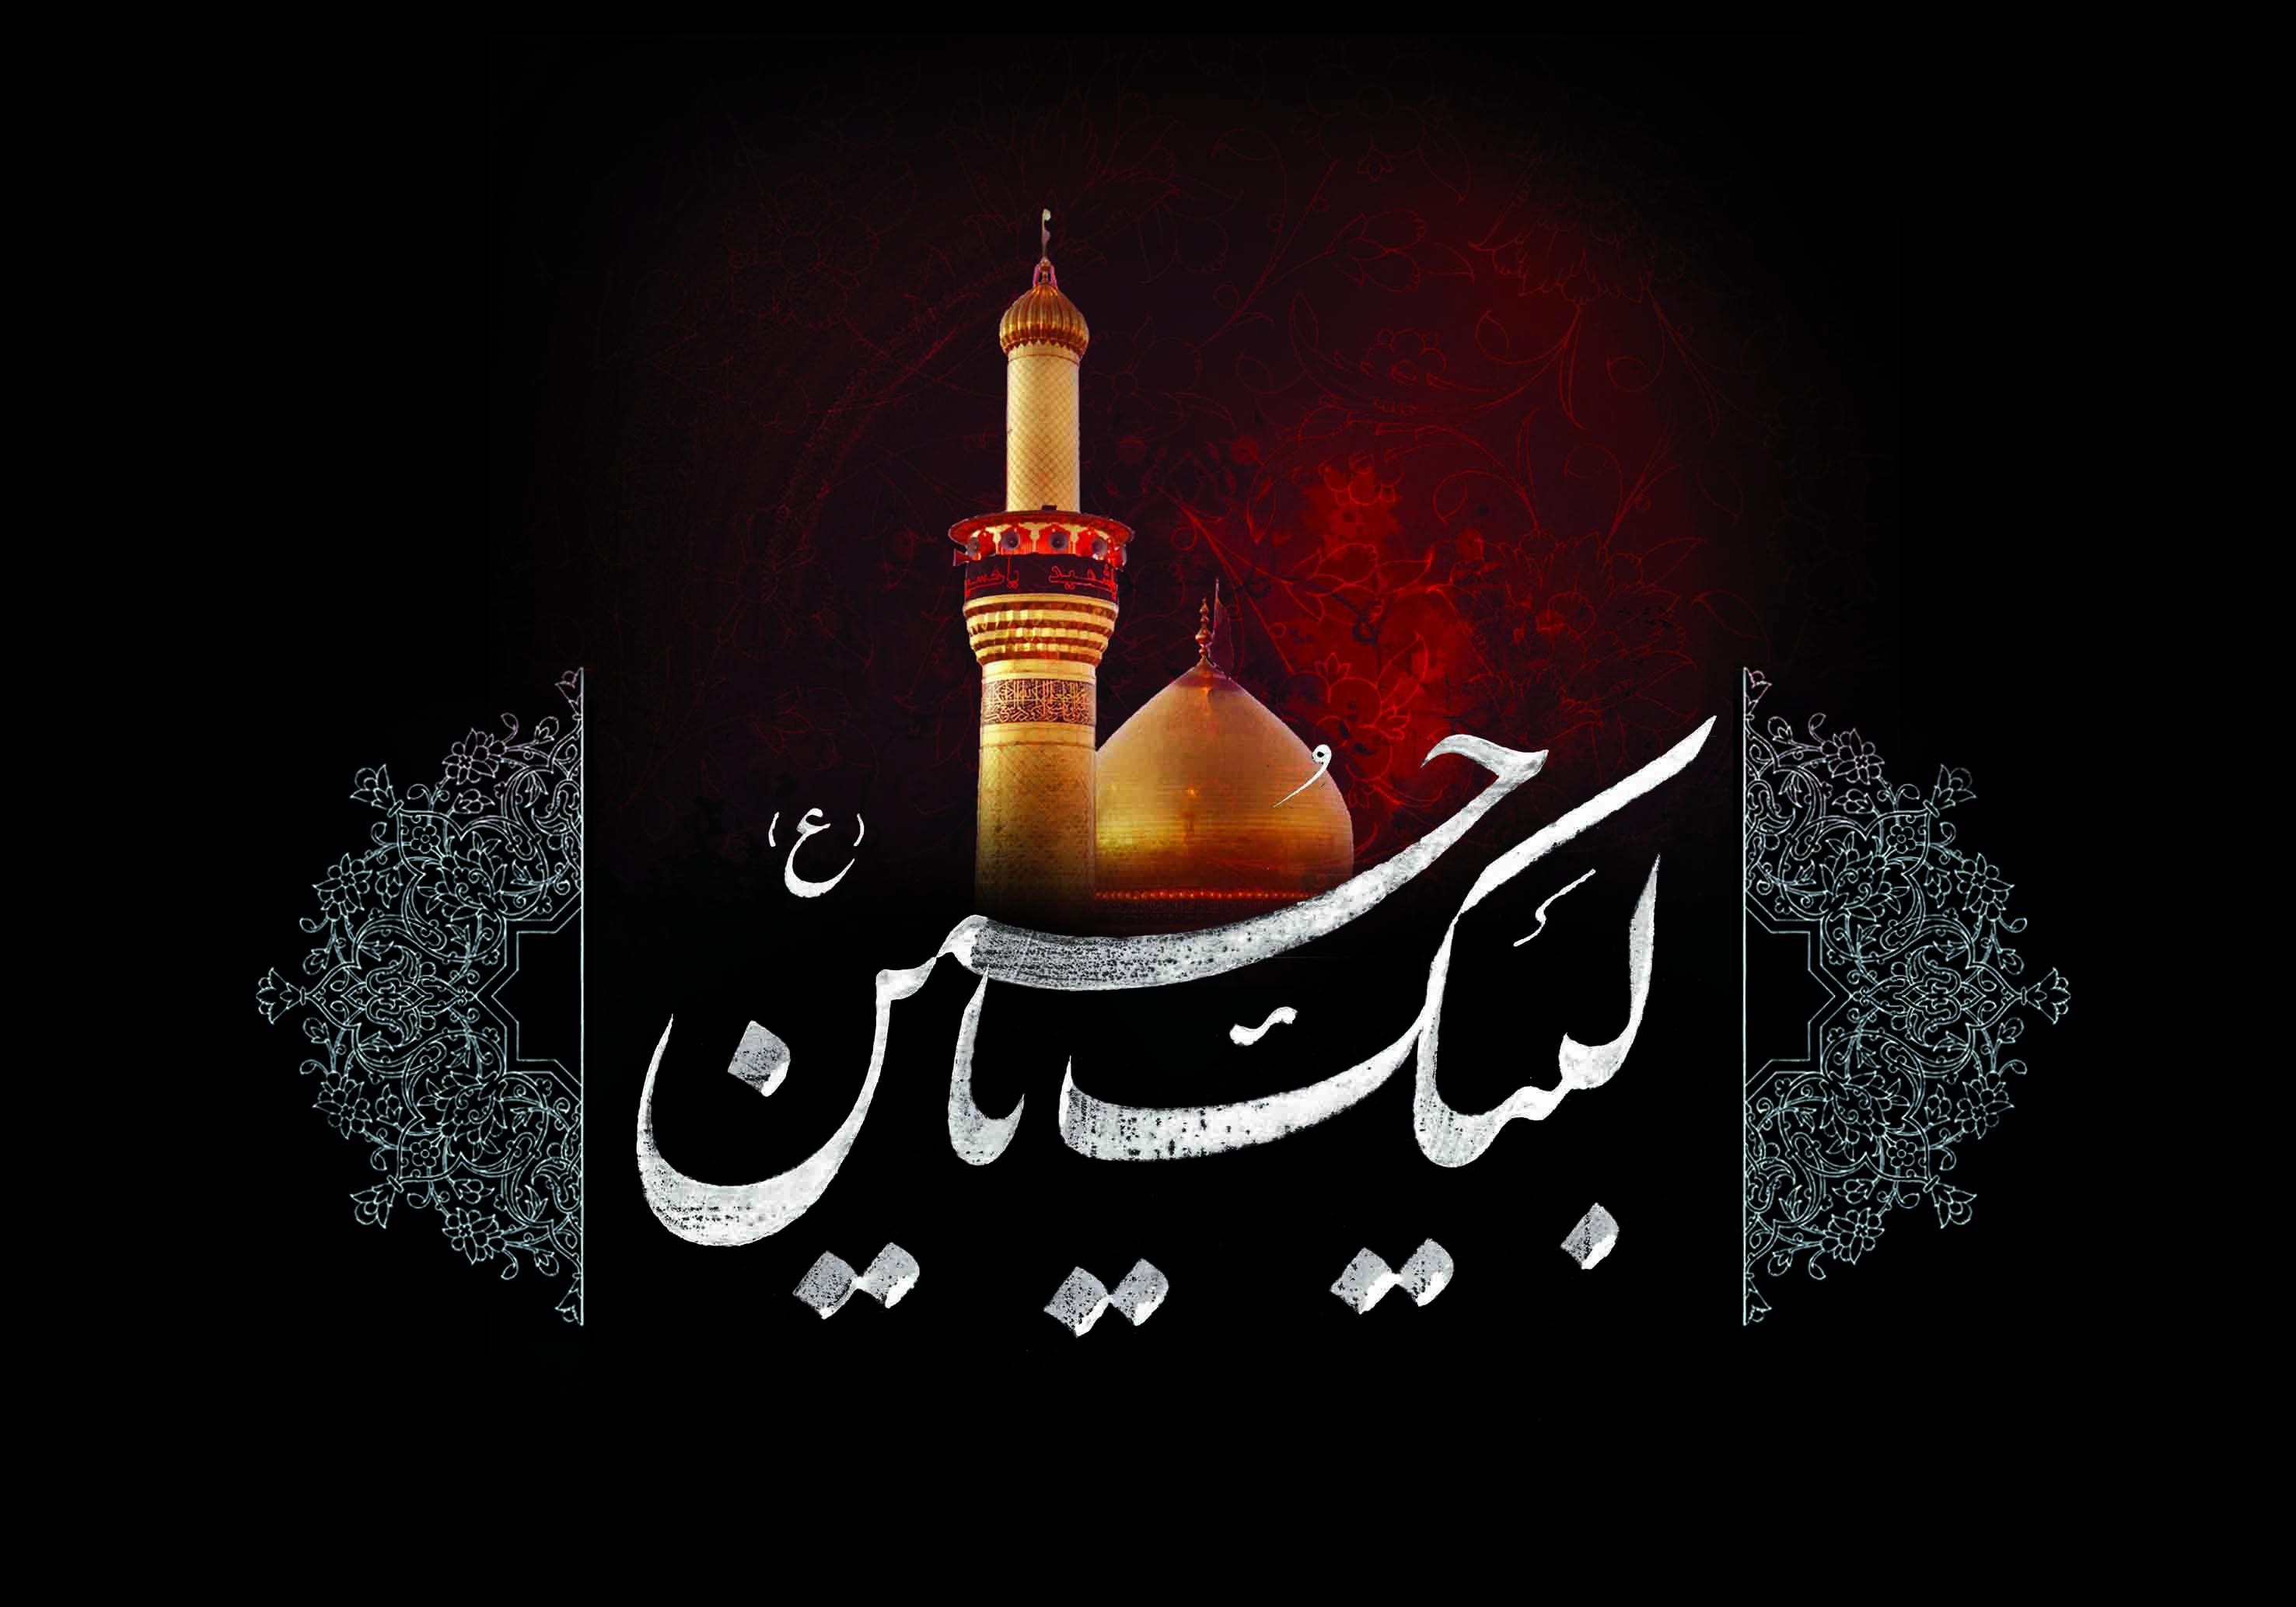 10 هدف اصلی امام حسین(ع) برای قیام